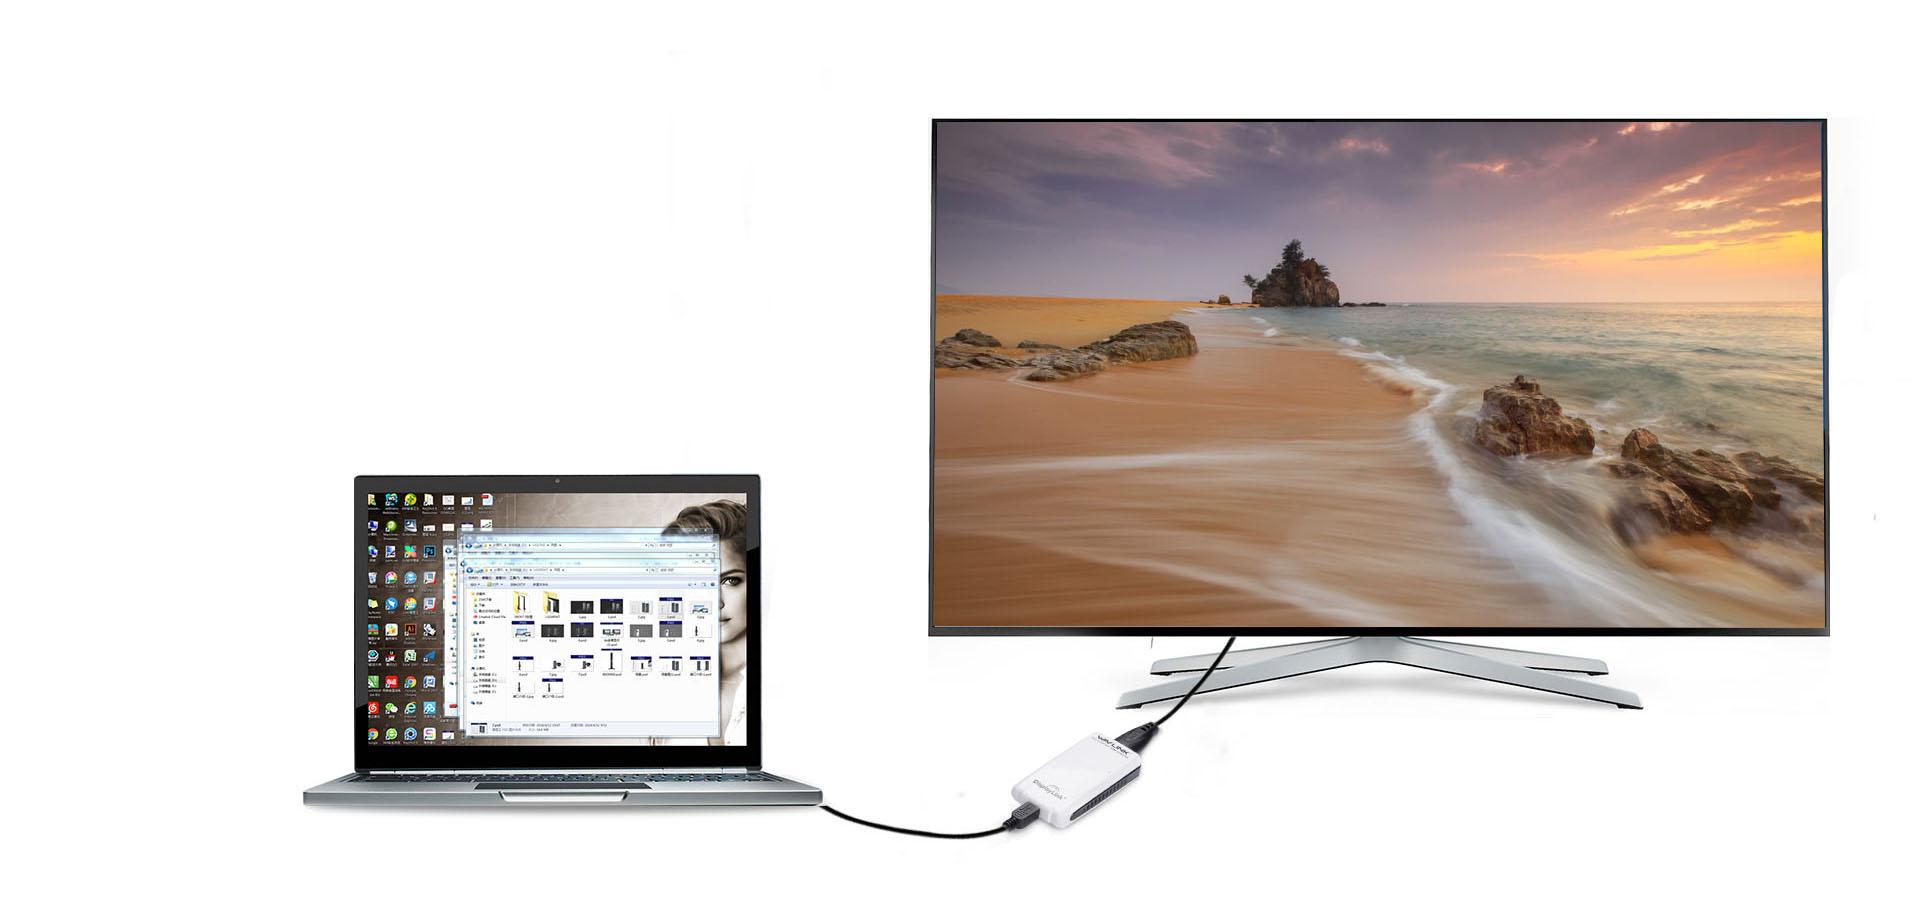 主副屏显示不同画面,提高工作效率